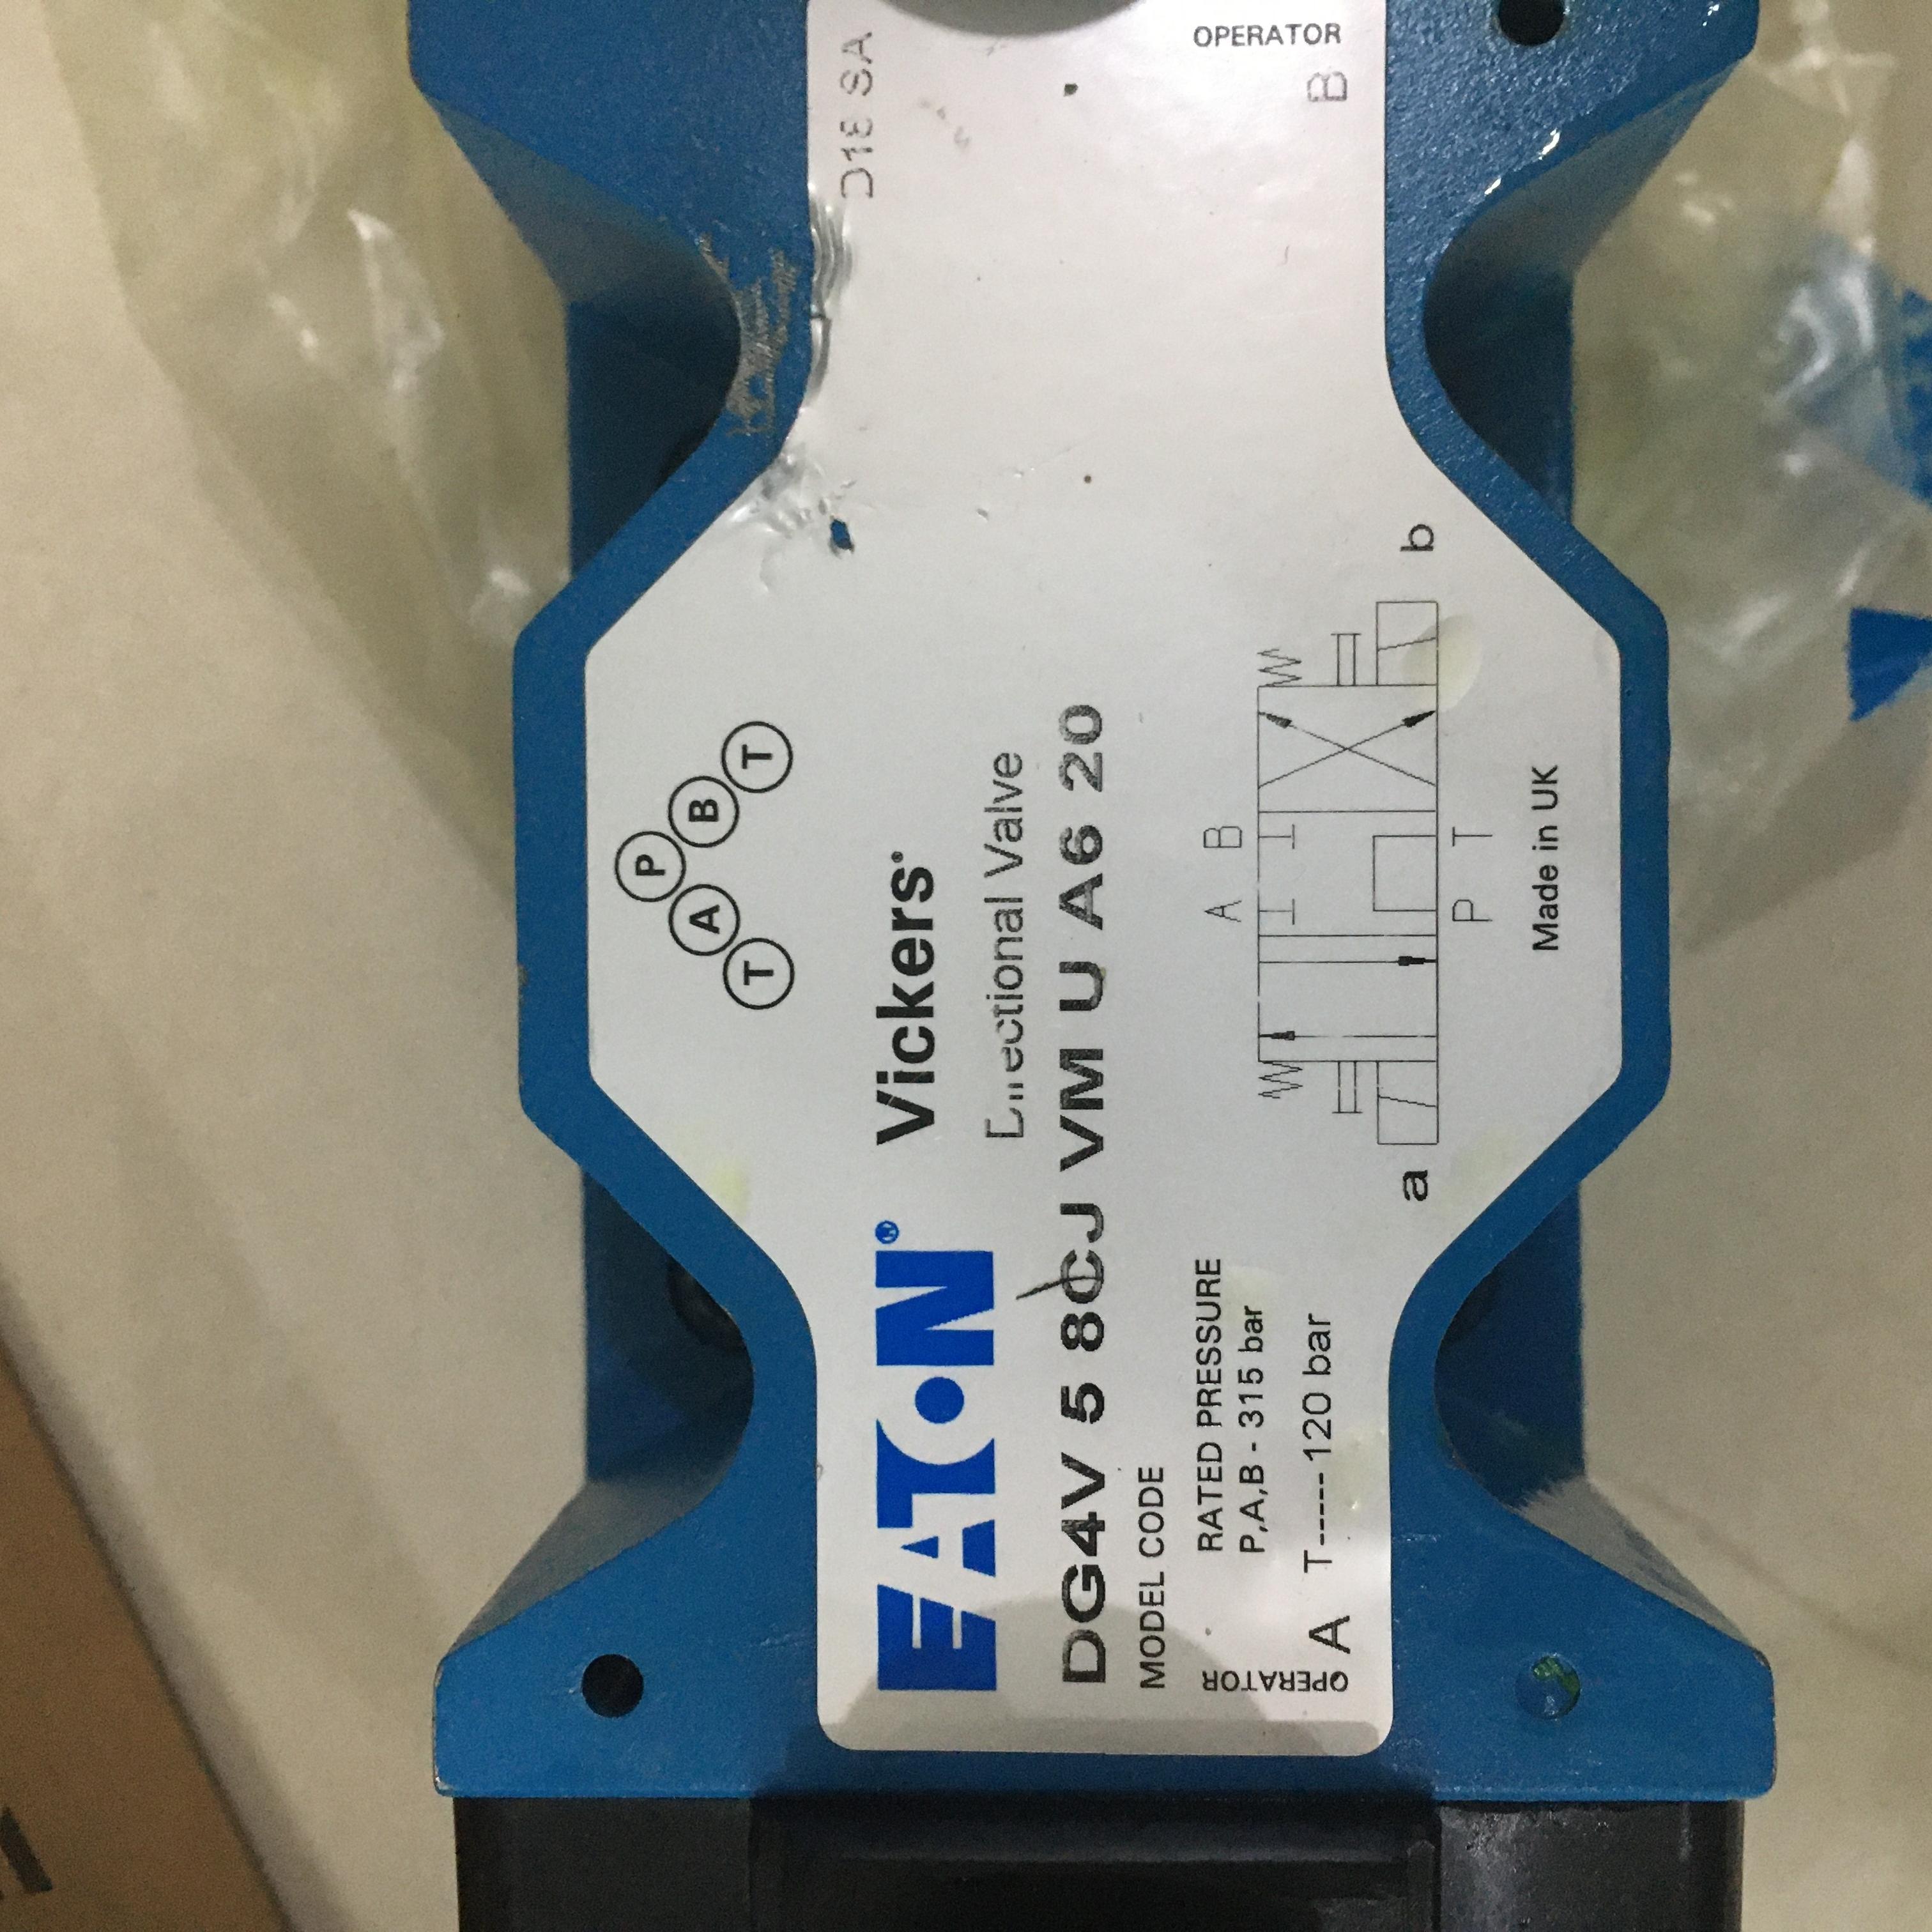 伊顿VICKERS湿式电磁方向控制阀功能